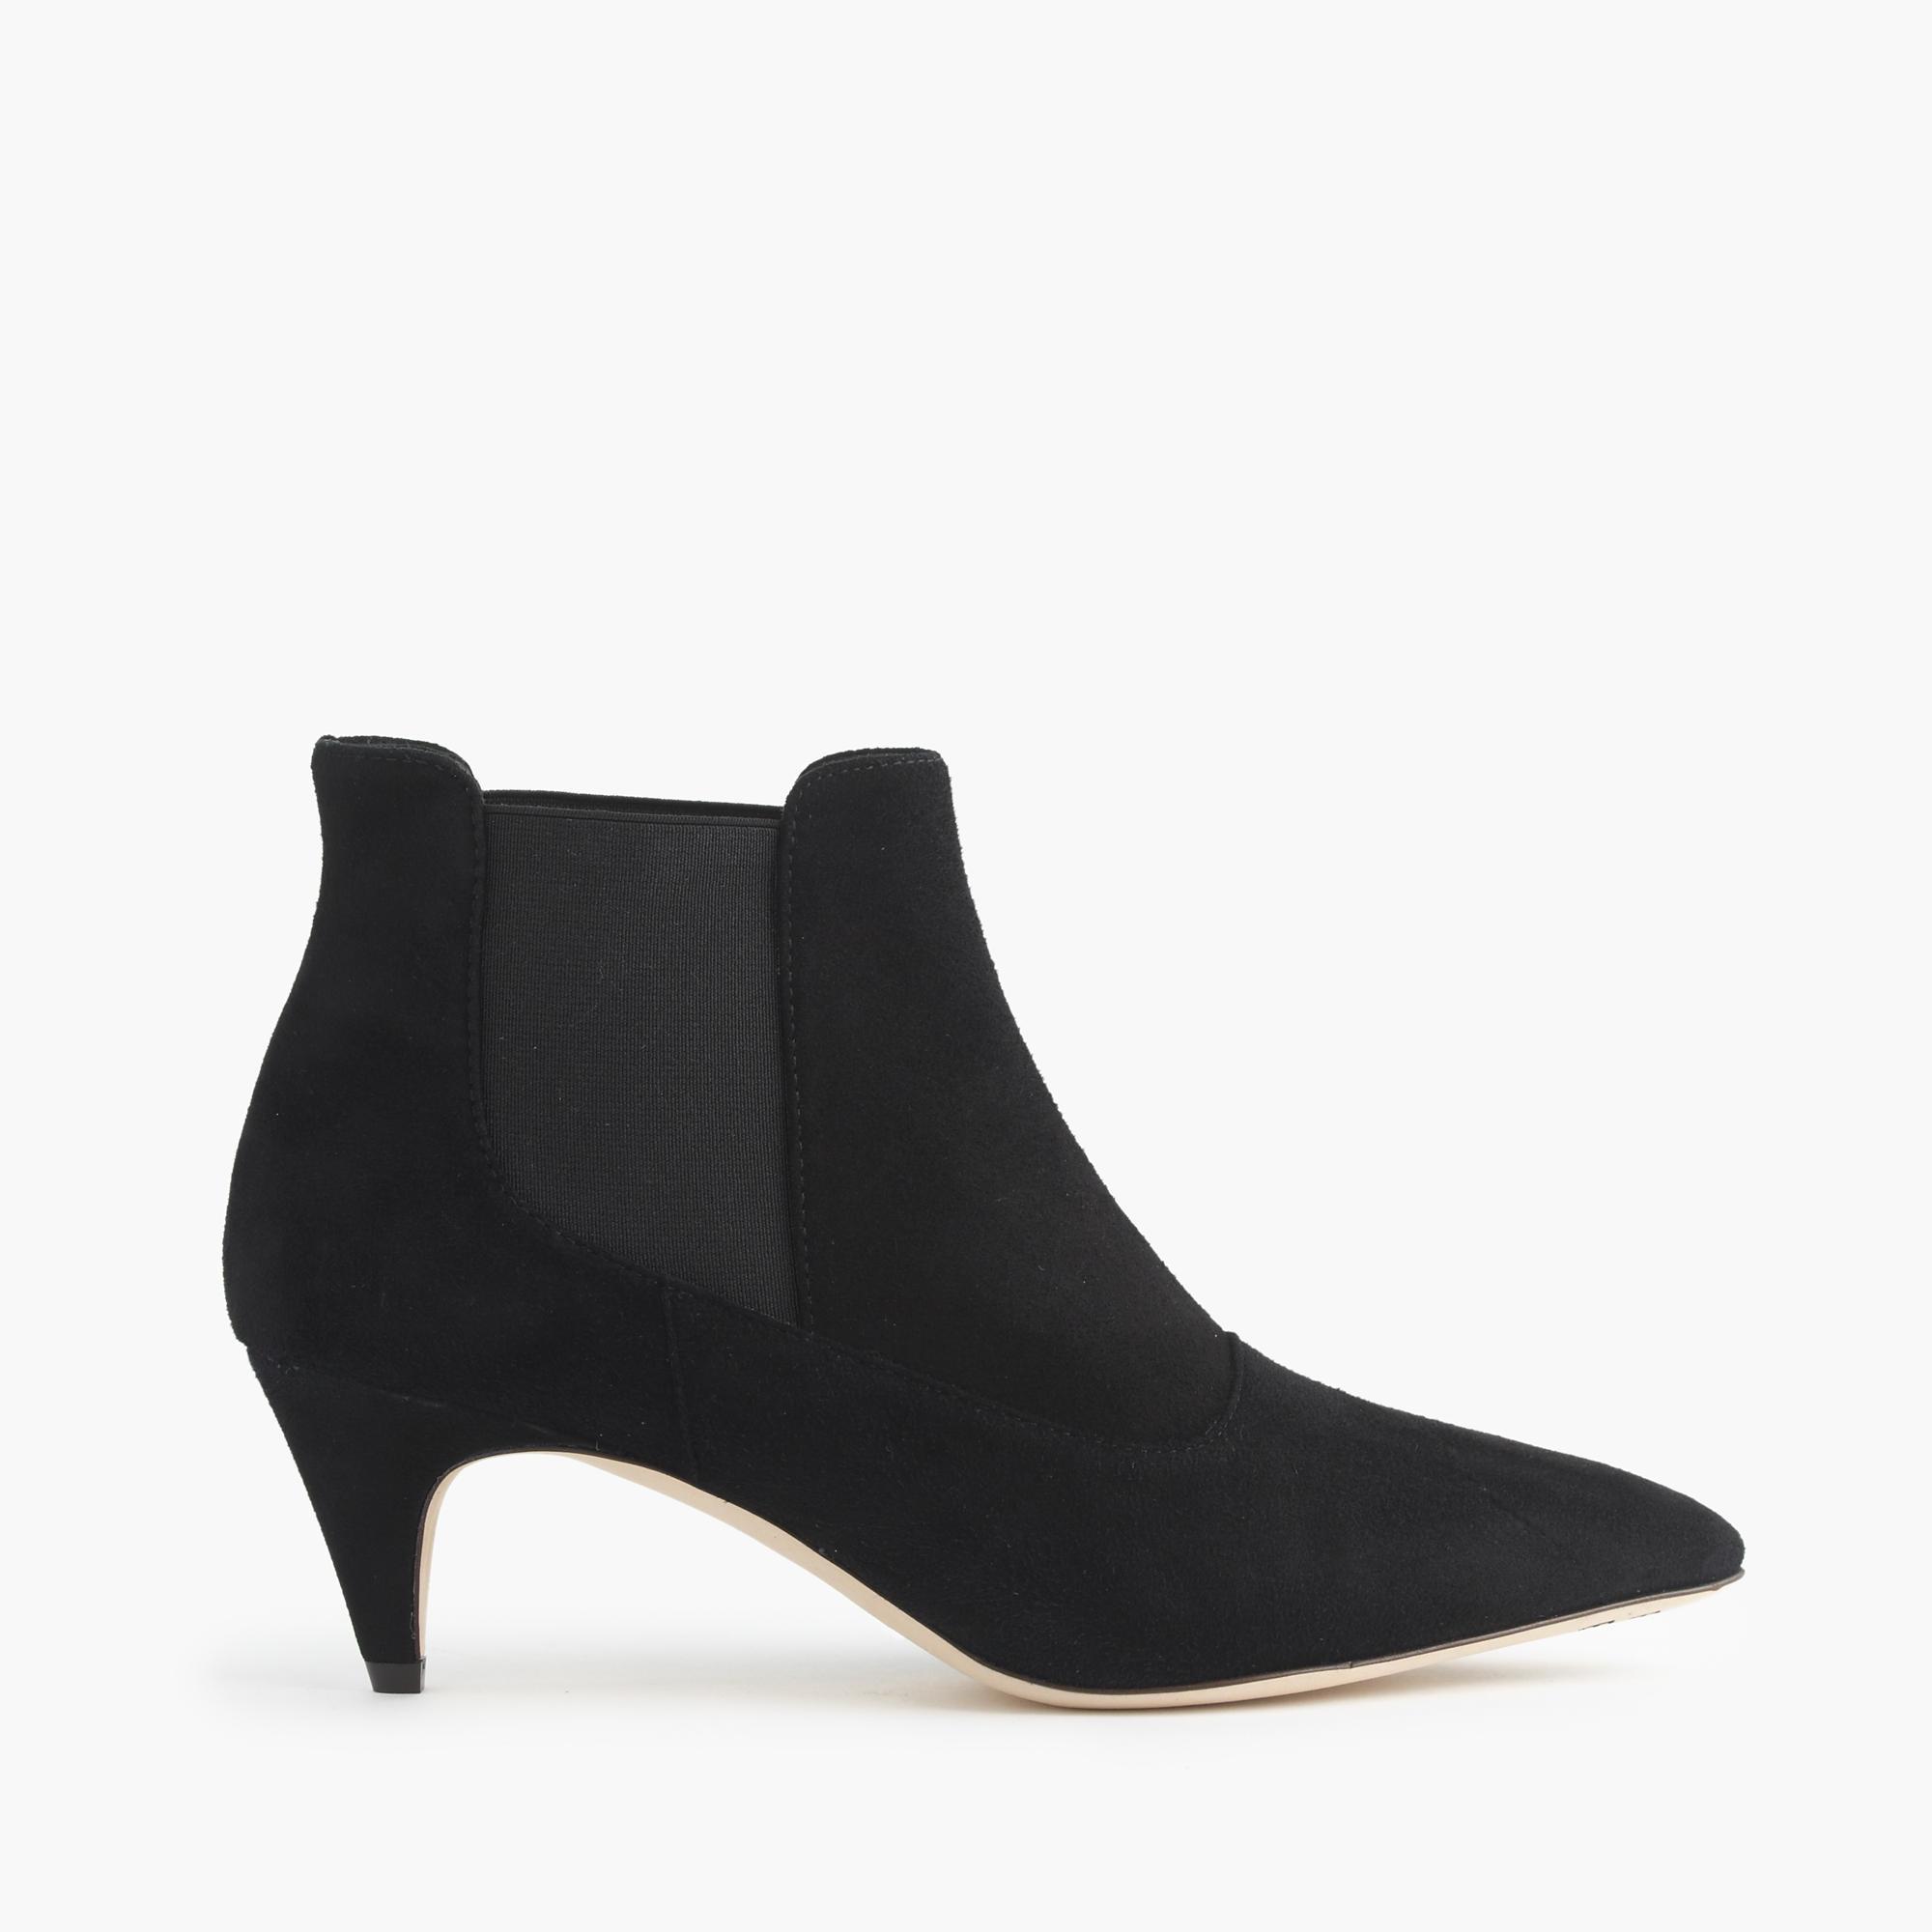 j crew suede kitten heel chelsea boots in black lyst